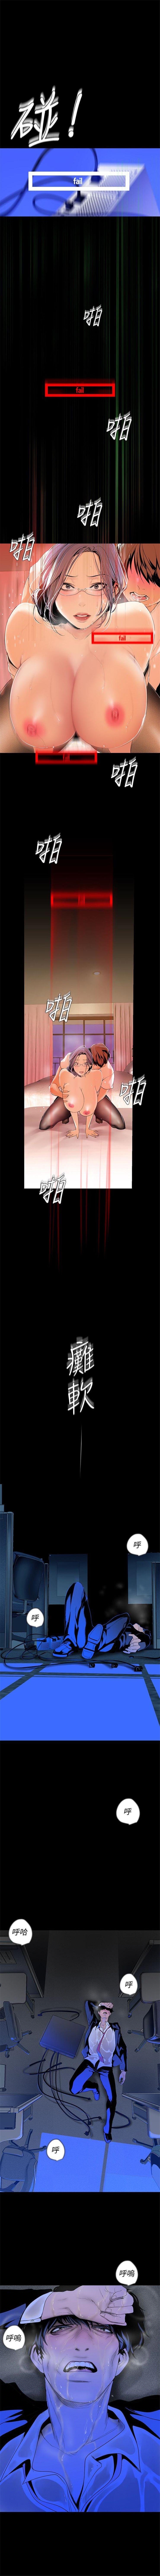 (週1)美麗新世界 1-70 中文翻譯 (更新中) 382